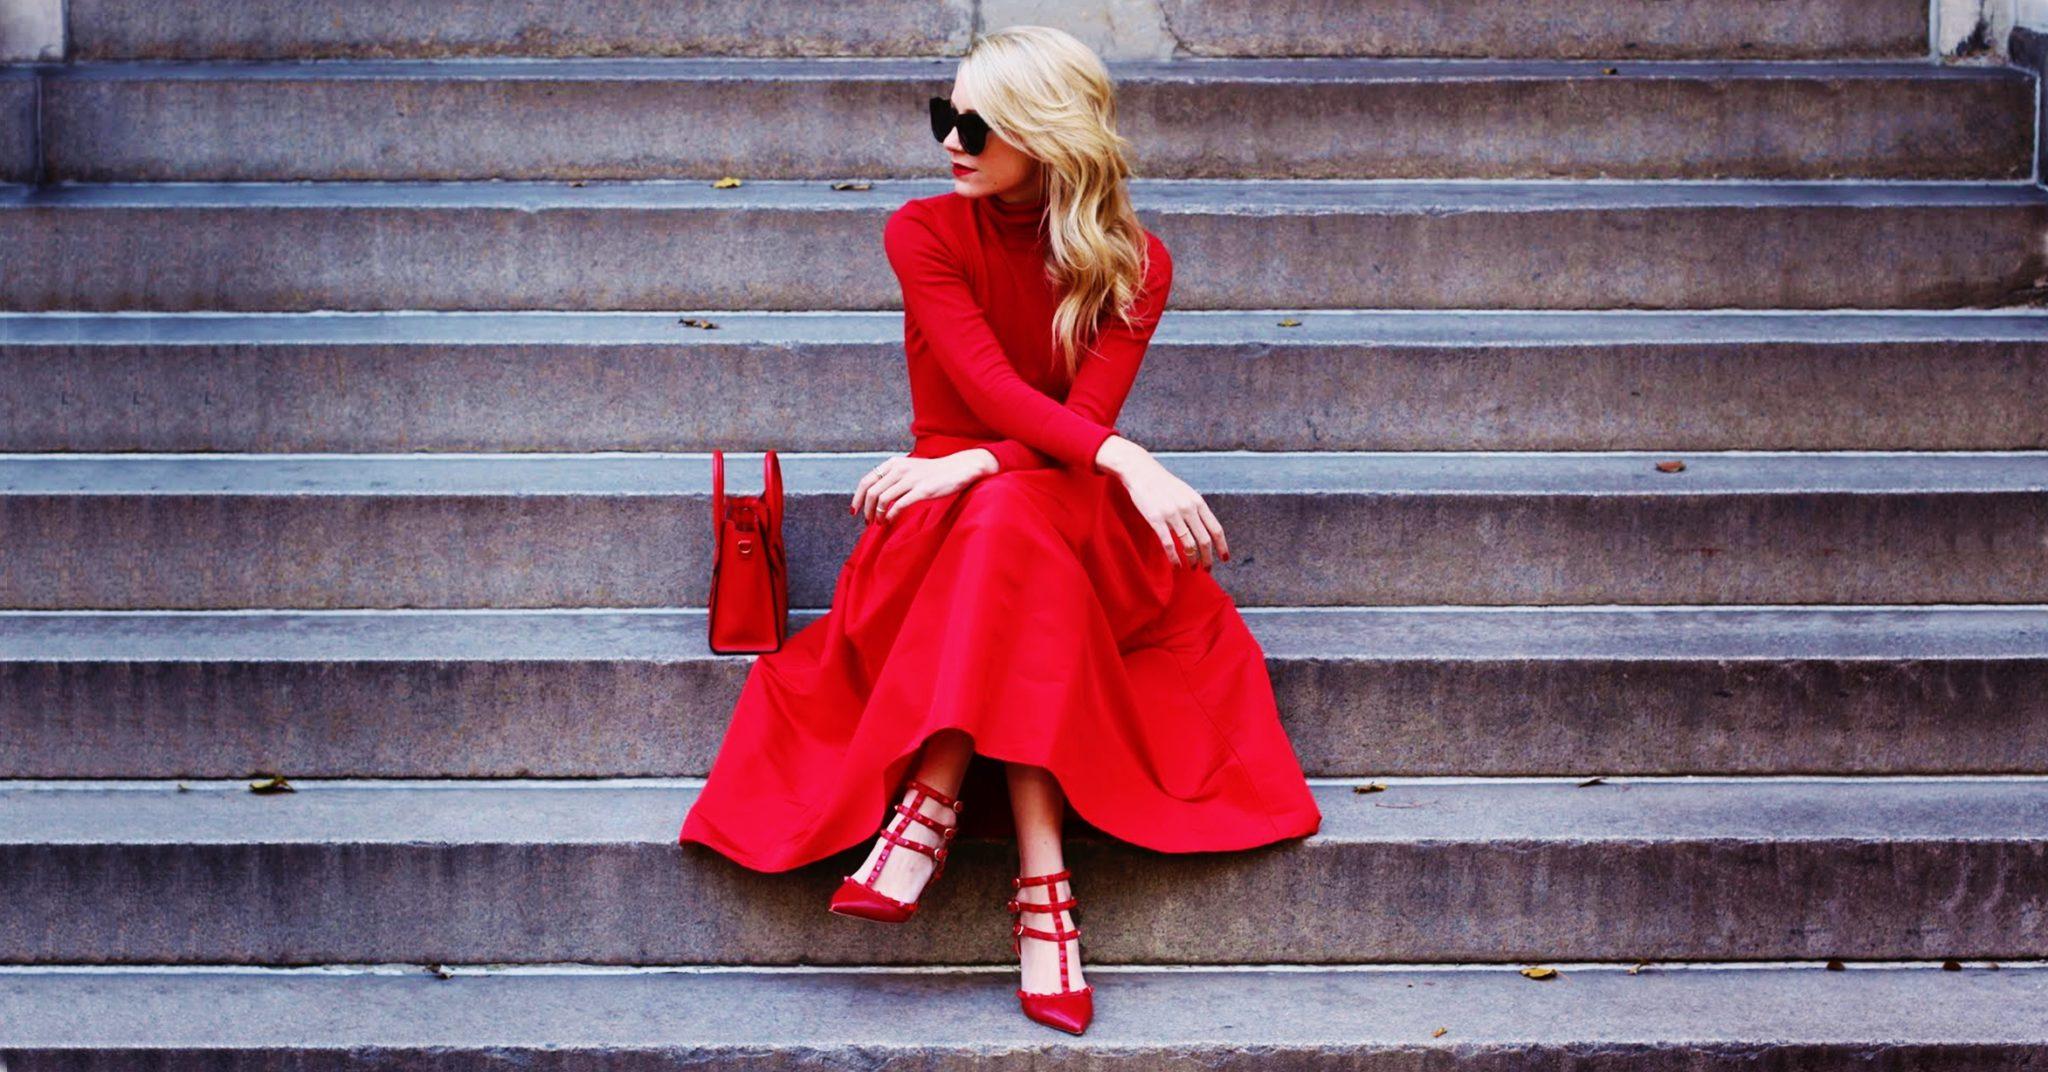 Советы как выглядеть стильно в недорогой одежде